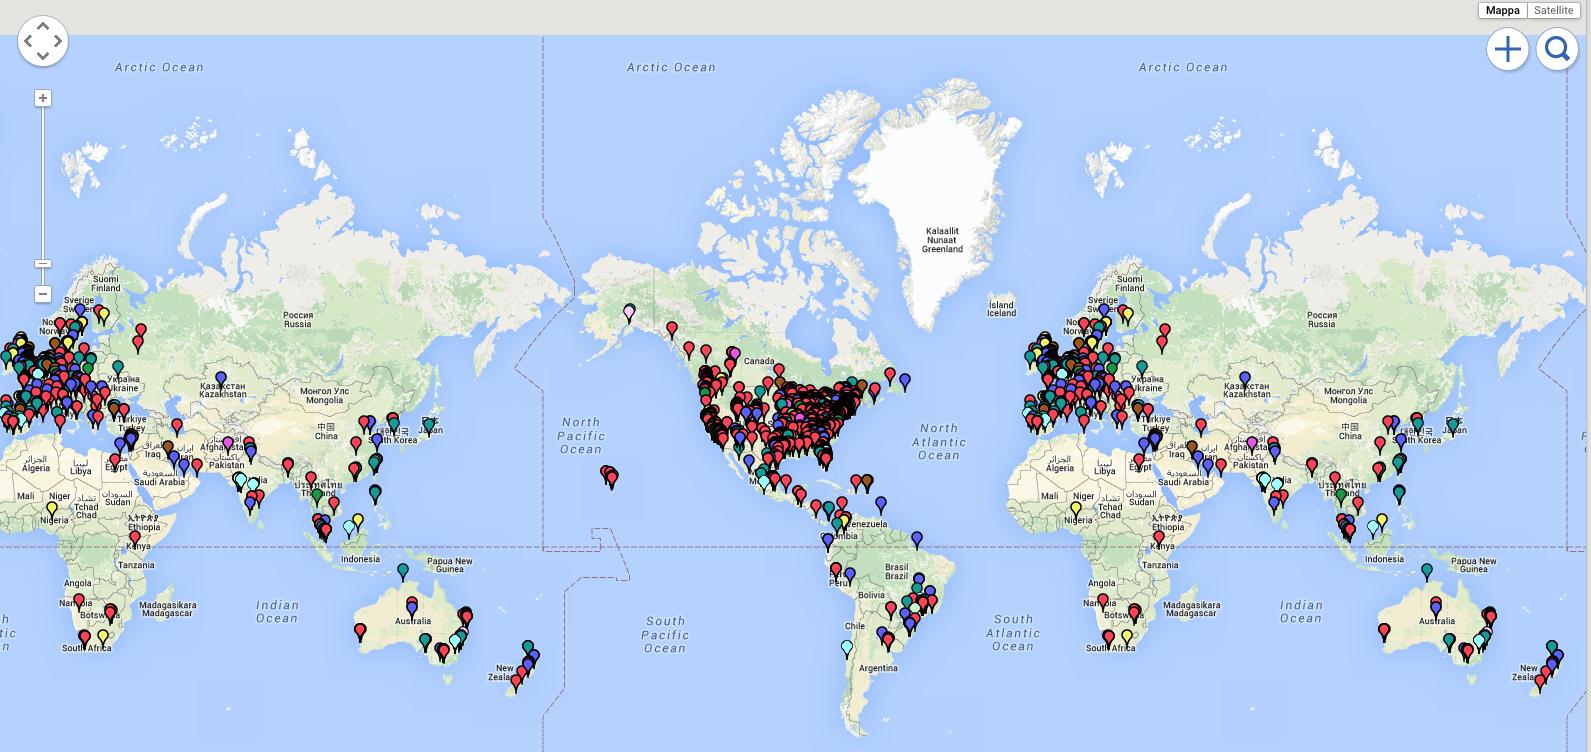 Mappa globale dei volontari del progetto per mani artificiali